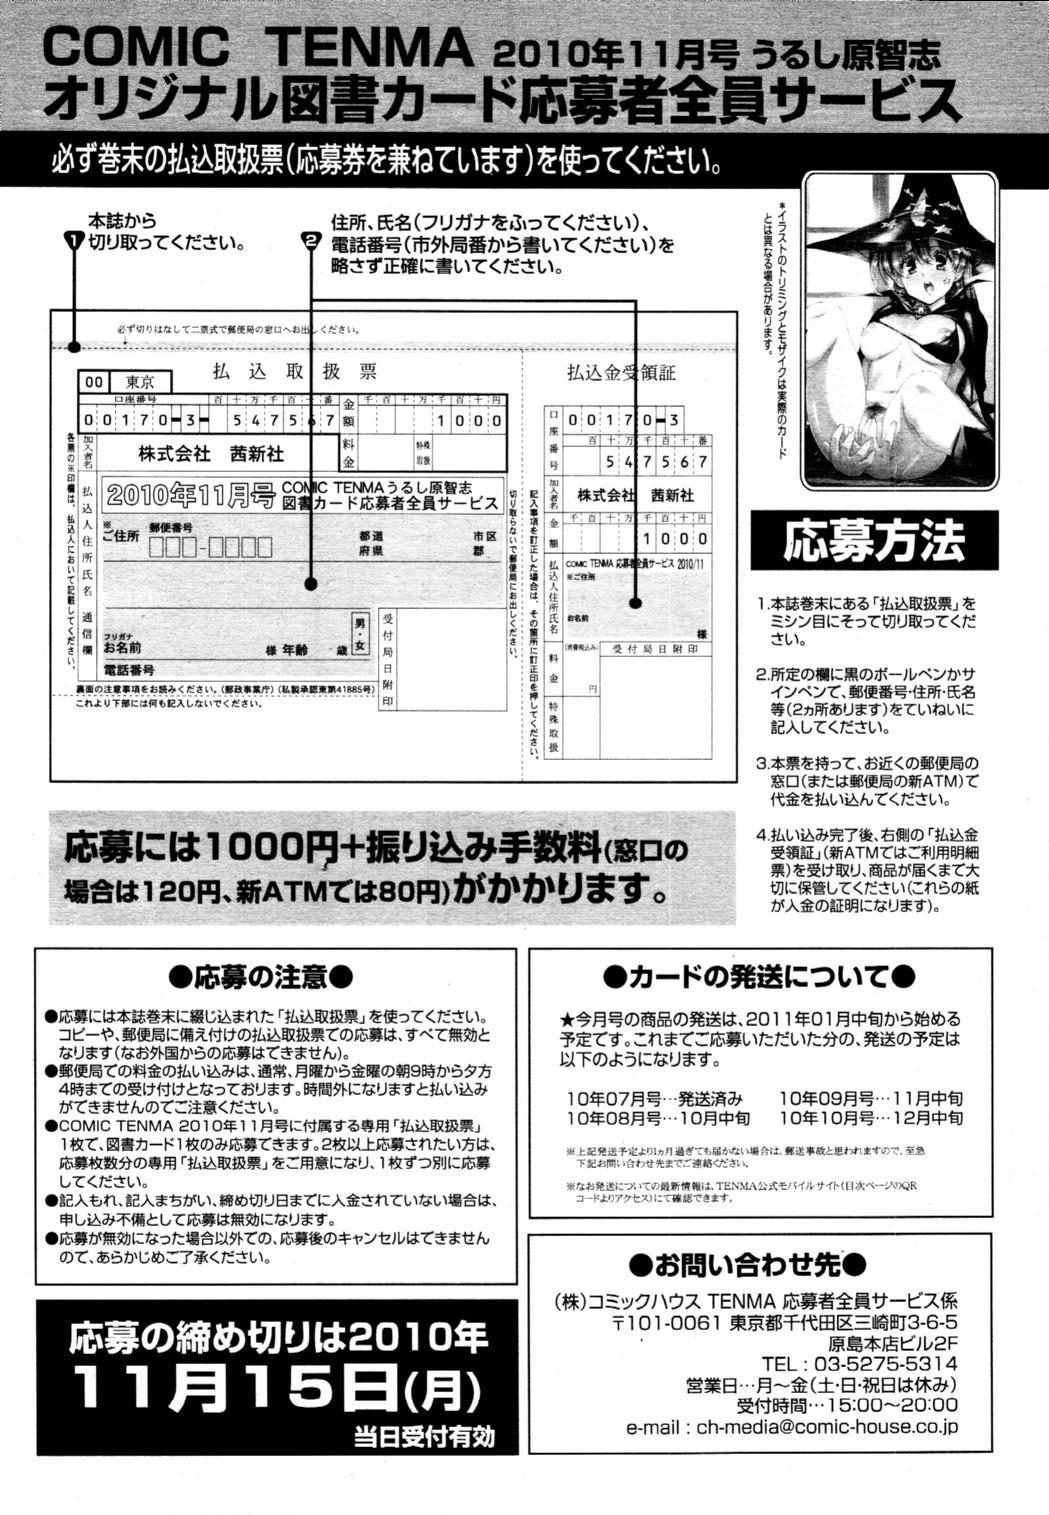 COMIC Tenma 2010-11 415